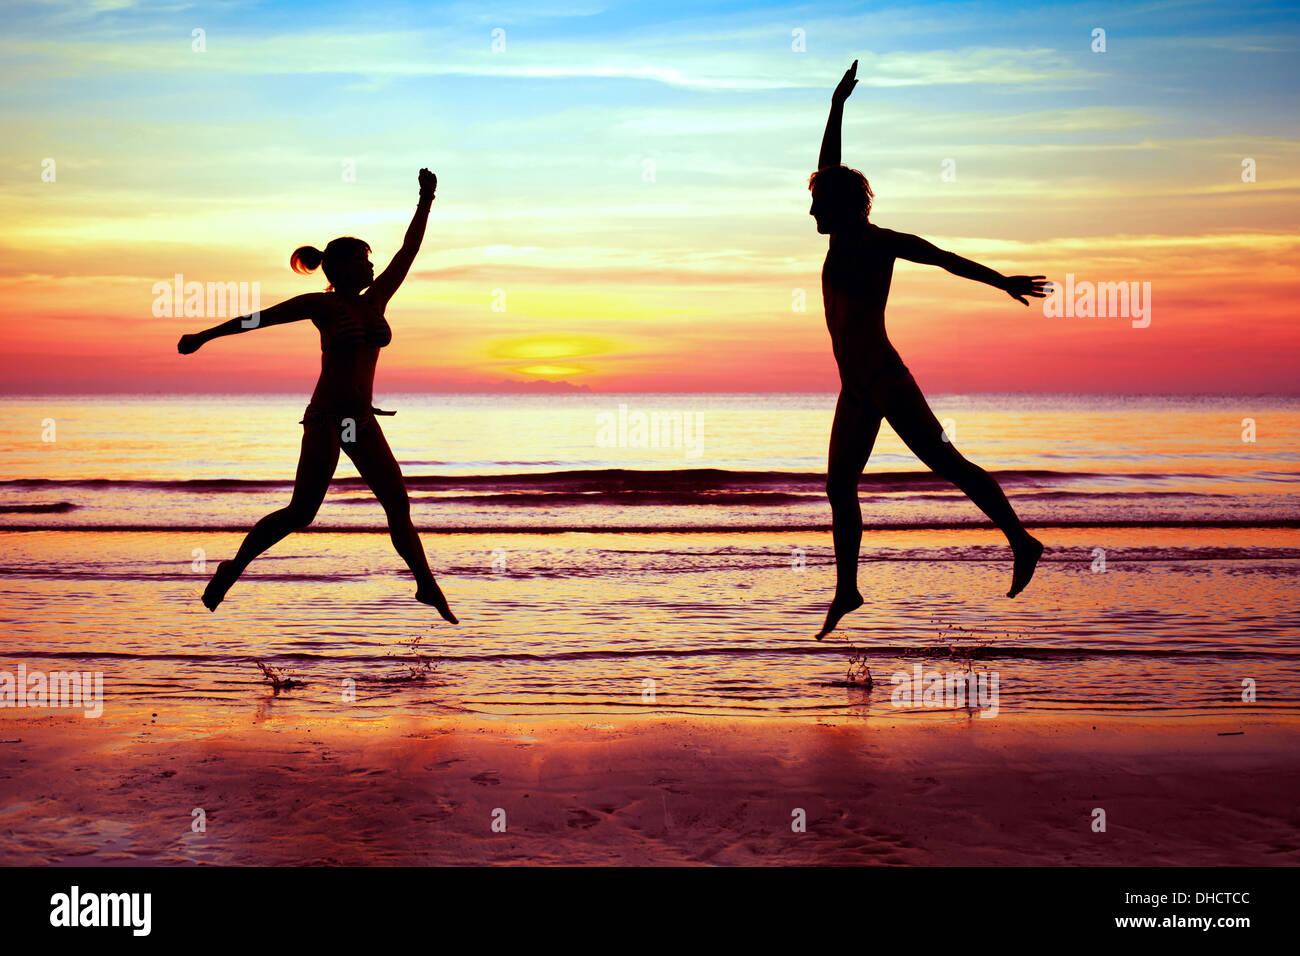 Glück, paar am Strand springen Stockbild